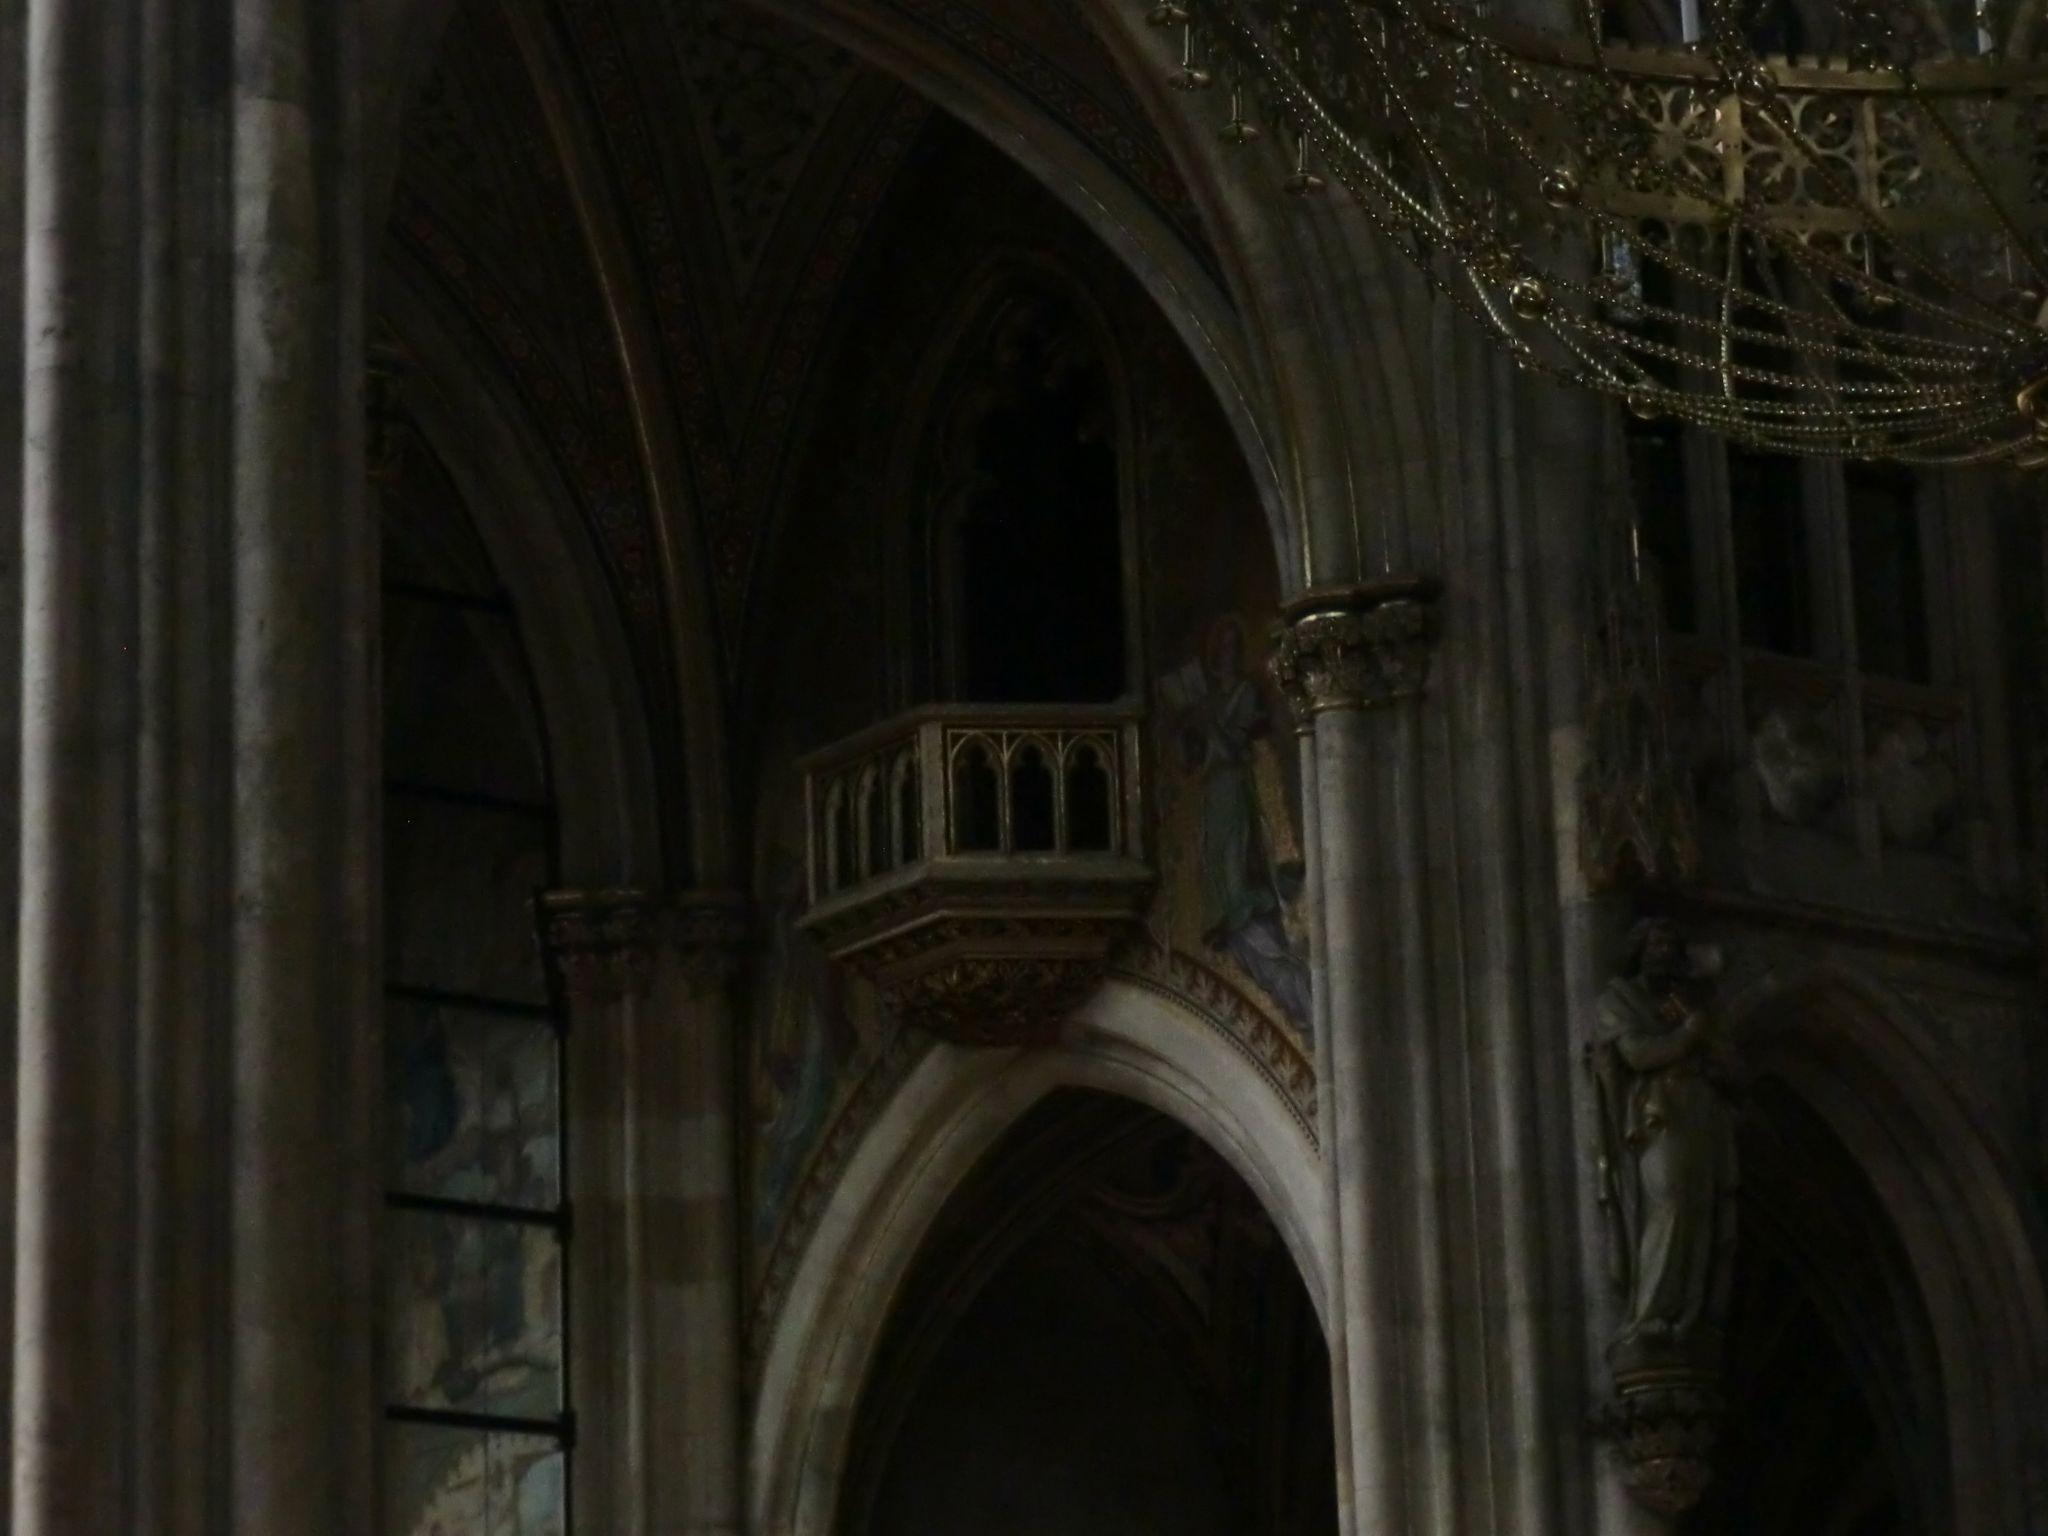 Vienna cathedral 16 1440x1080 - Vienna: elegant beauty